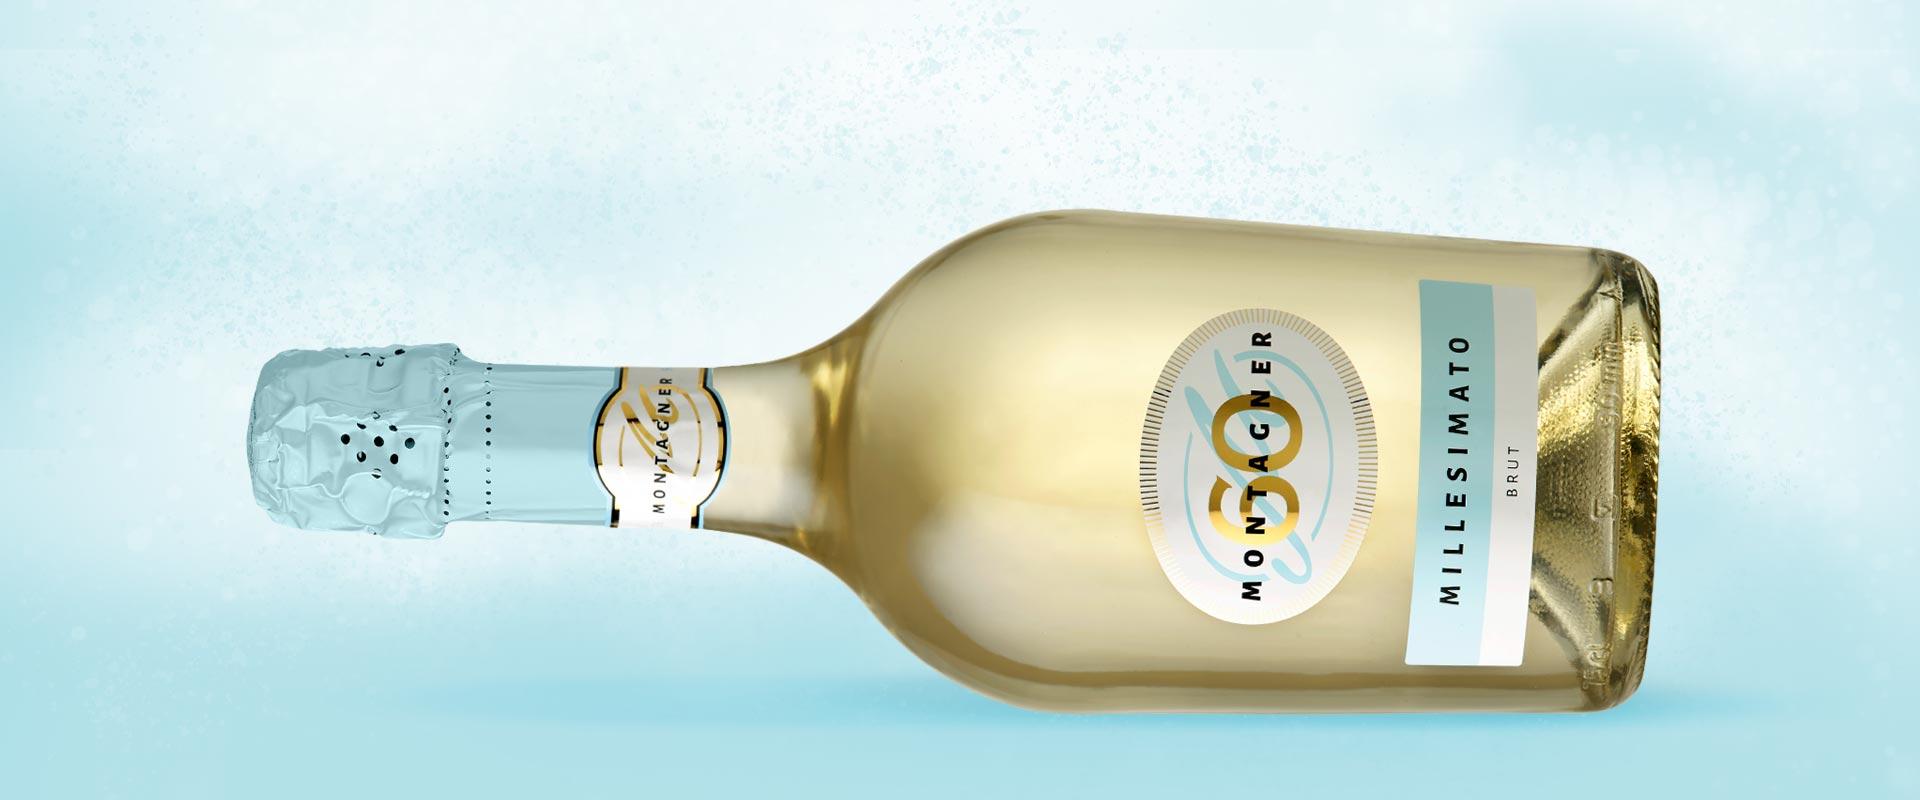 bottiglia millesimato montagner etichetta azzurra